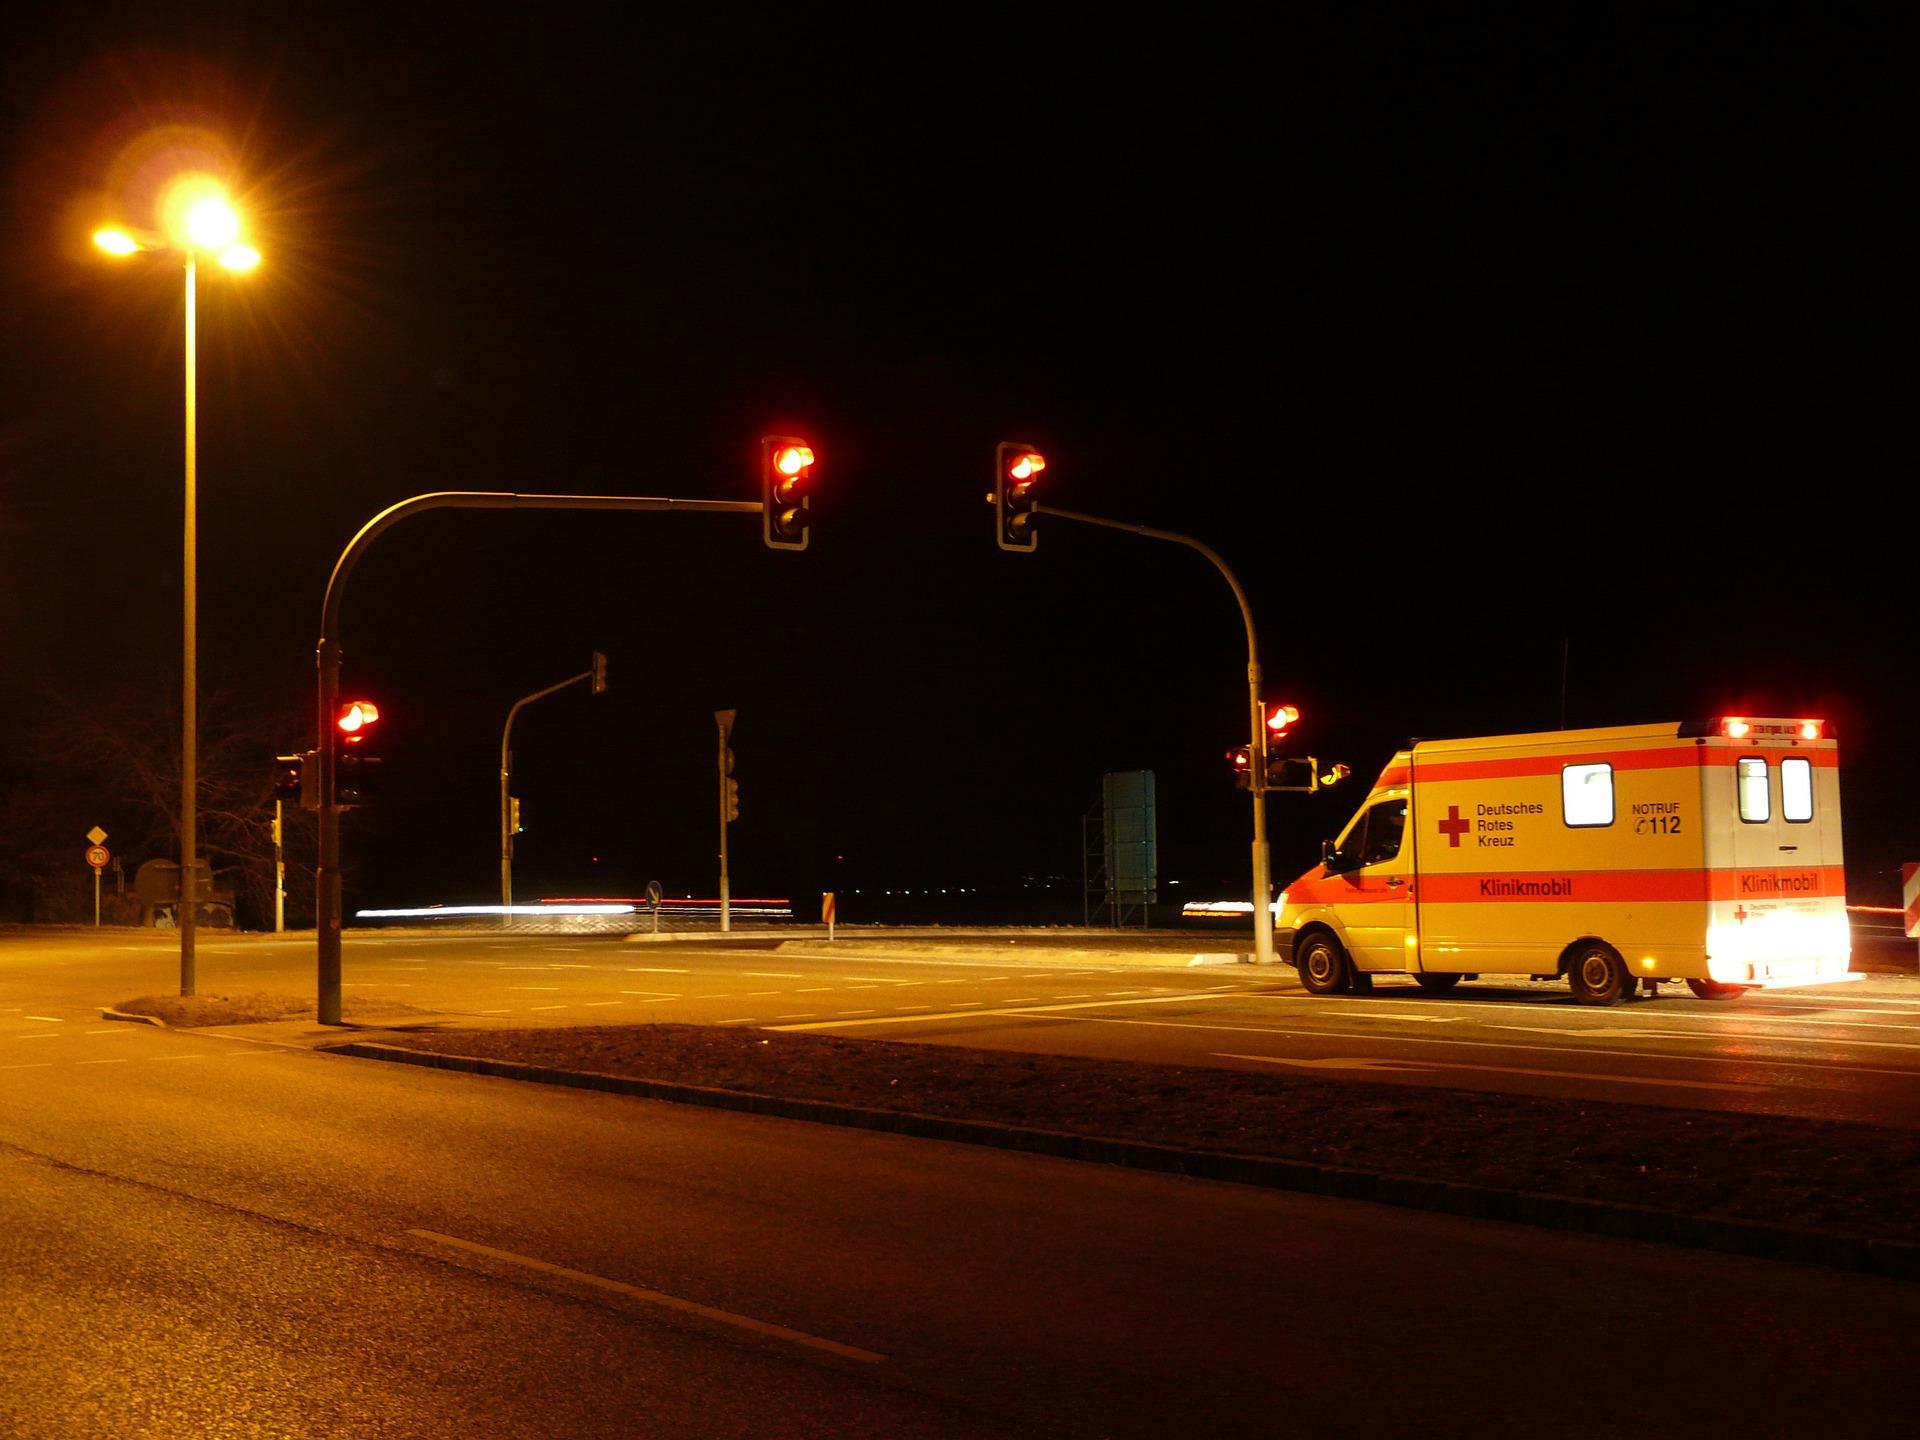 Ghost Story Night ambulance